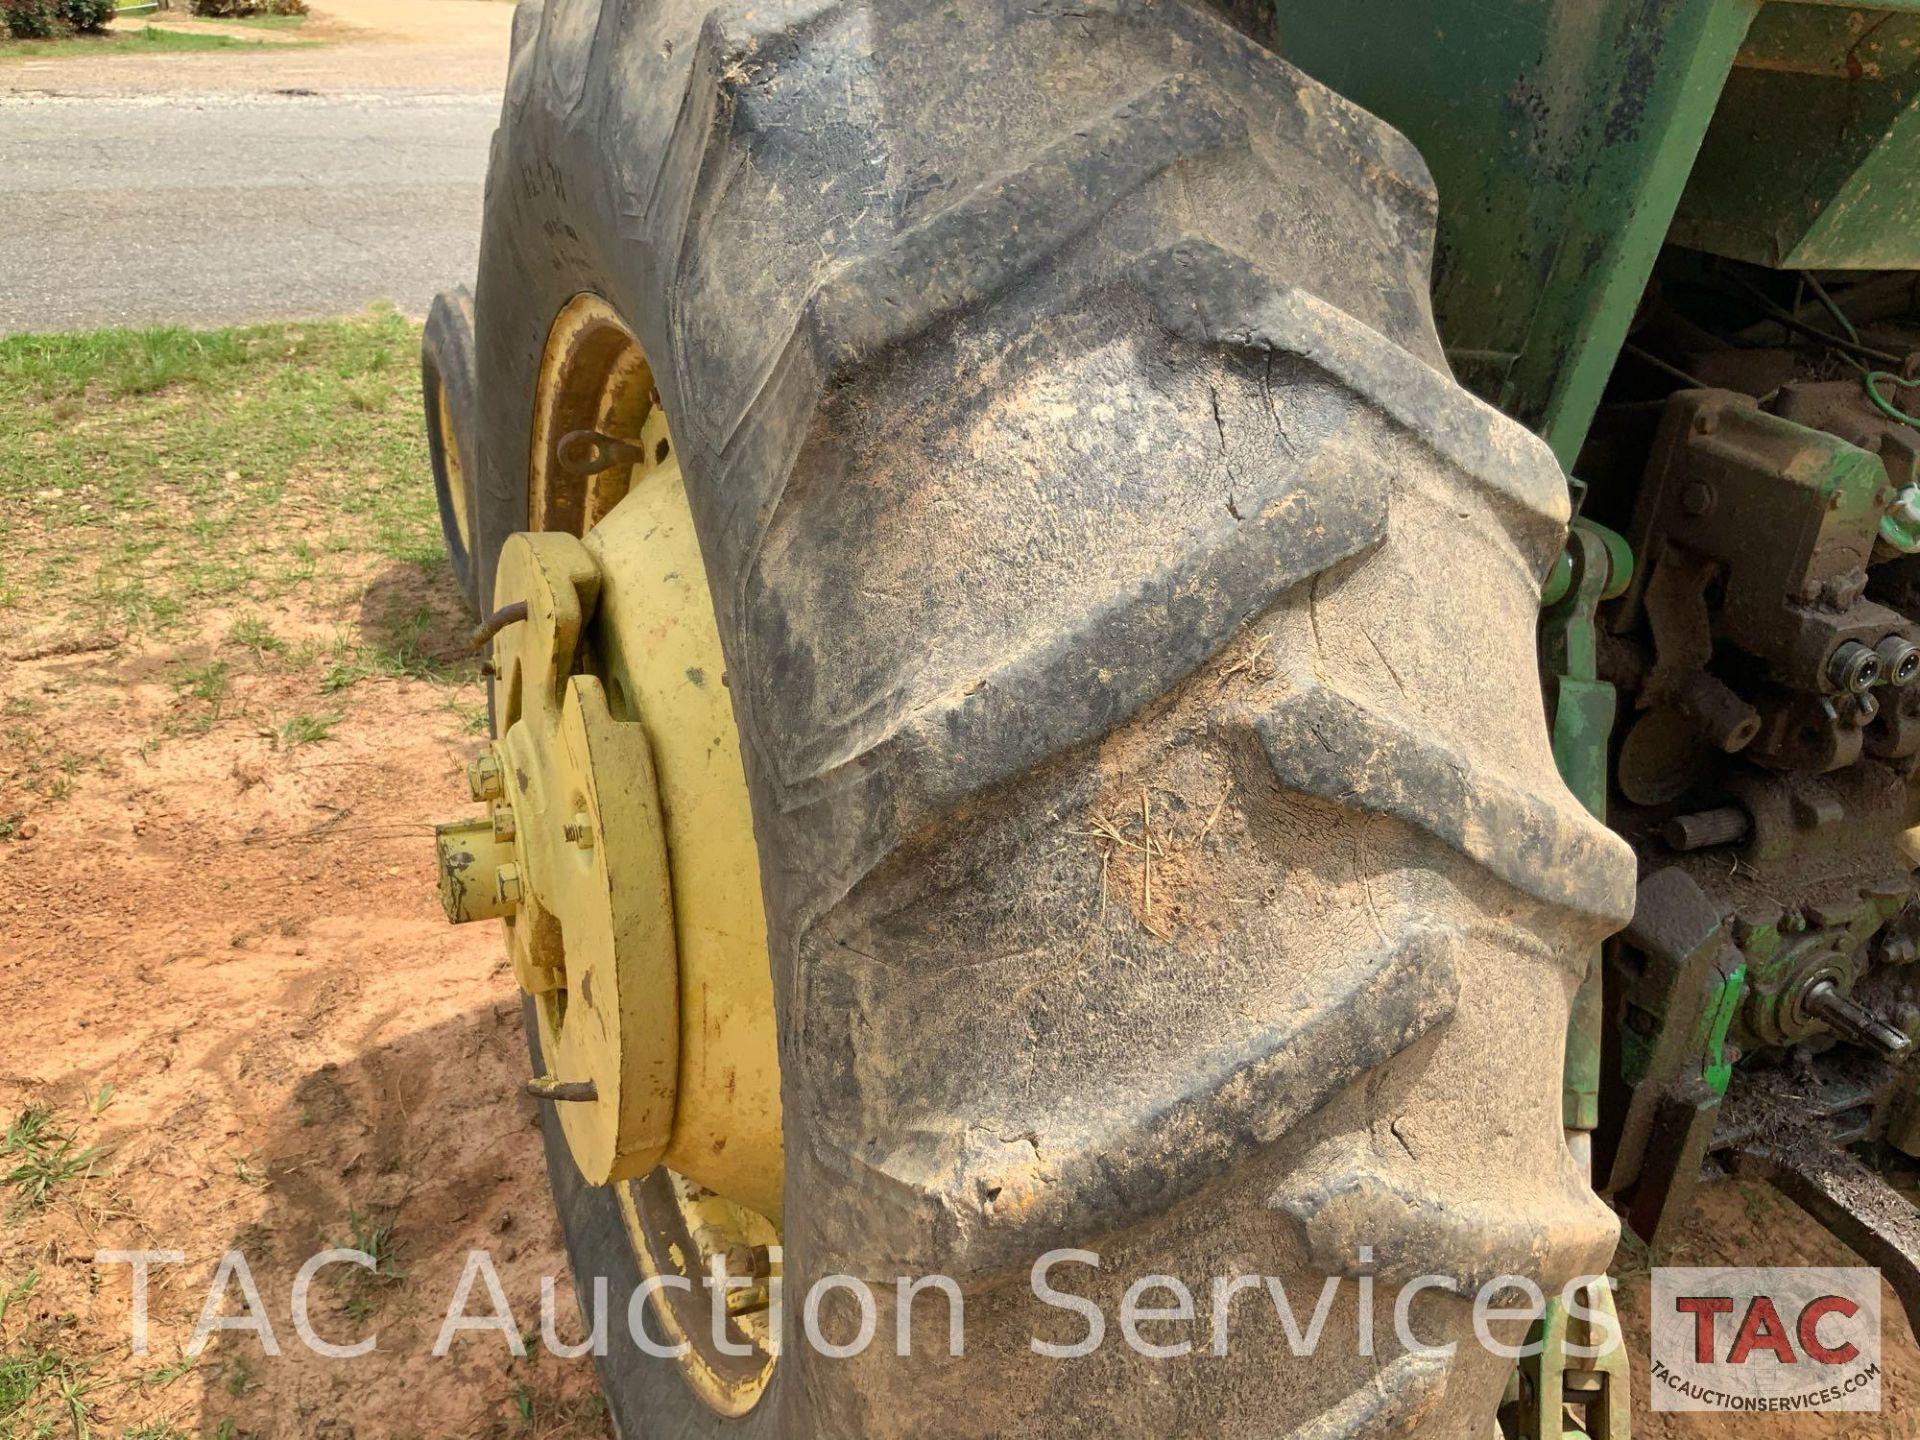 John Deere 4440 Tractor - Image 26 of 31